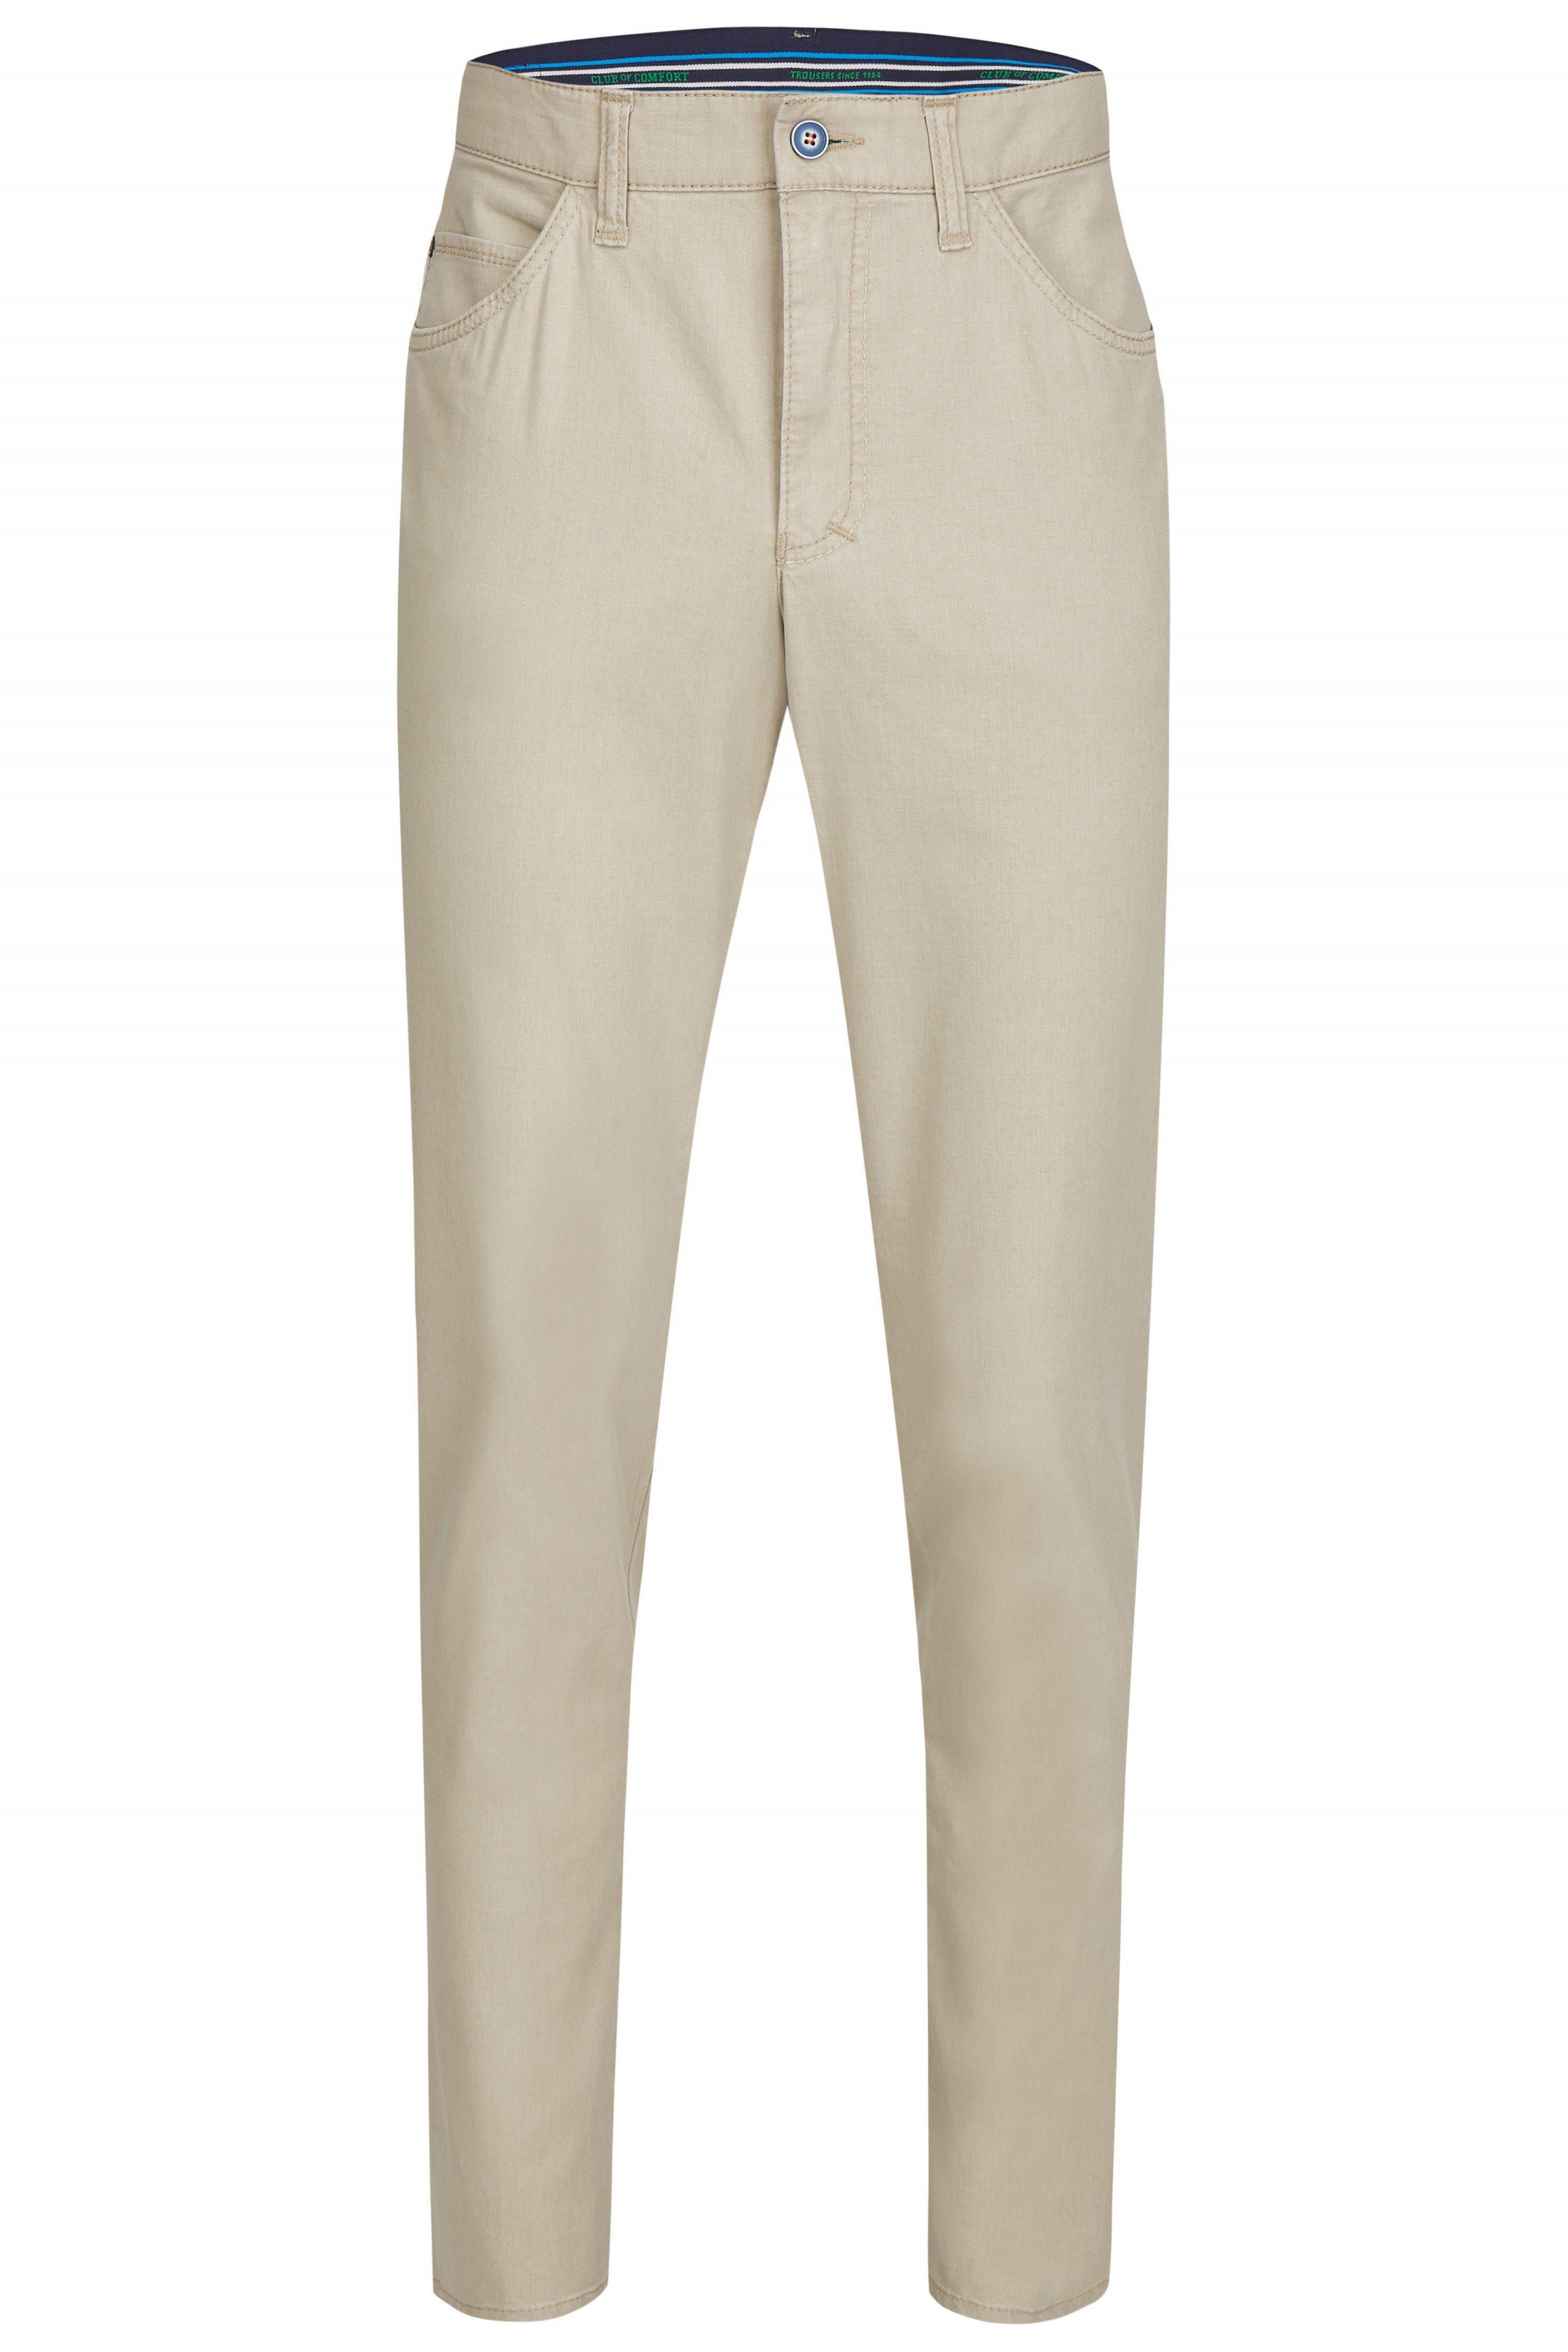 Club of Comfort Chino-Hose mit elastischem Komfortbund | Bekleidung > Hosen > Sonstige Hosen | Braun | Samt - Elasthan | Club Of Comfort